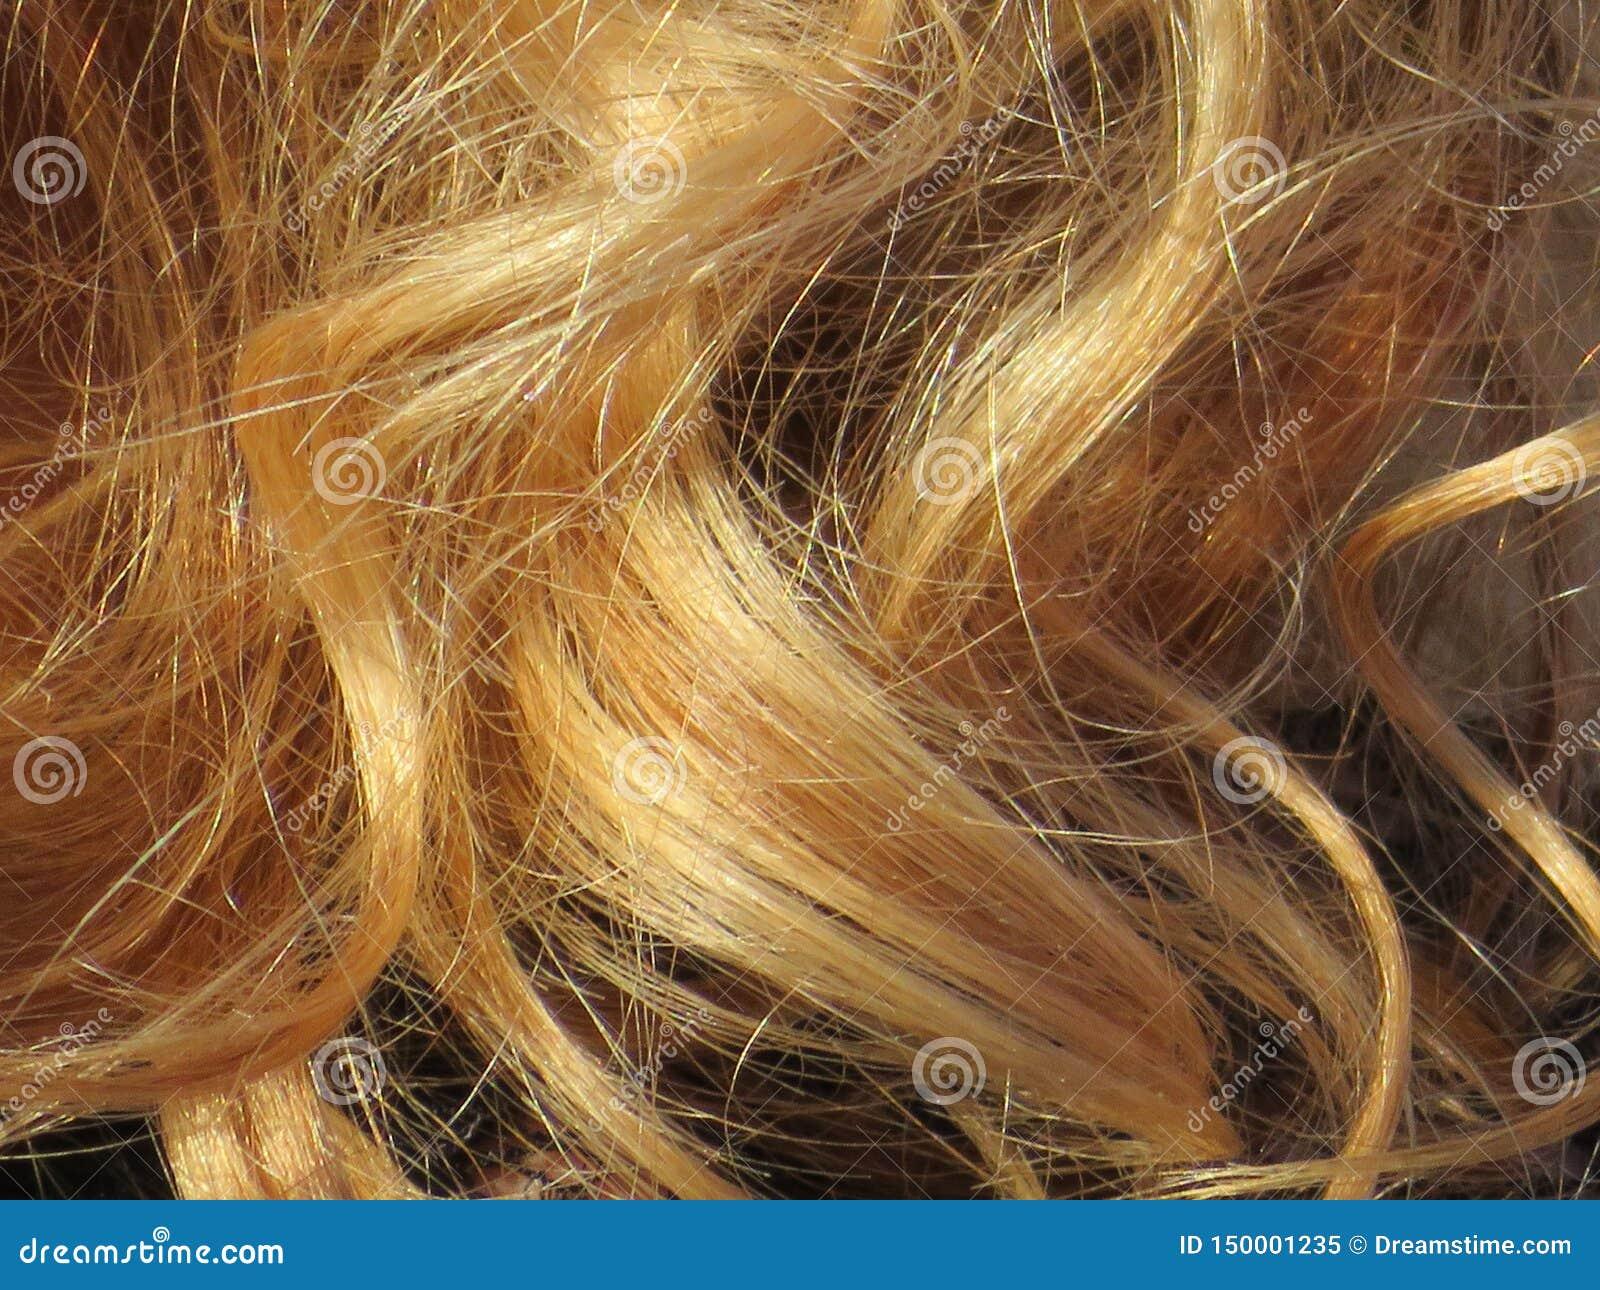 很好修饰一种强烈的颜色的美丽的金发和